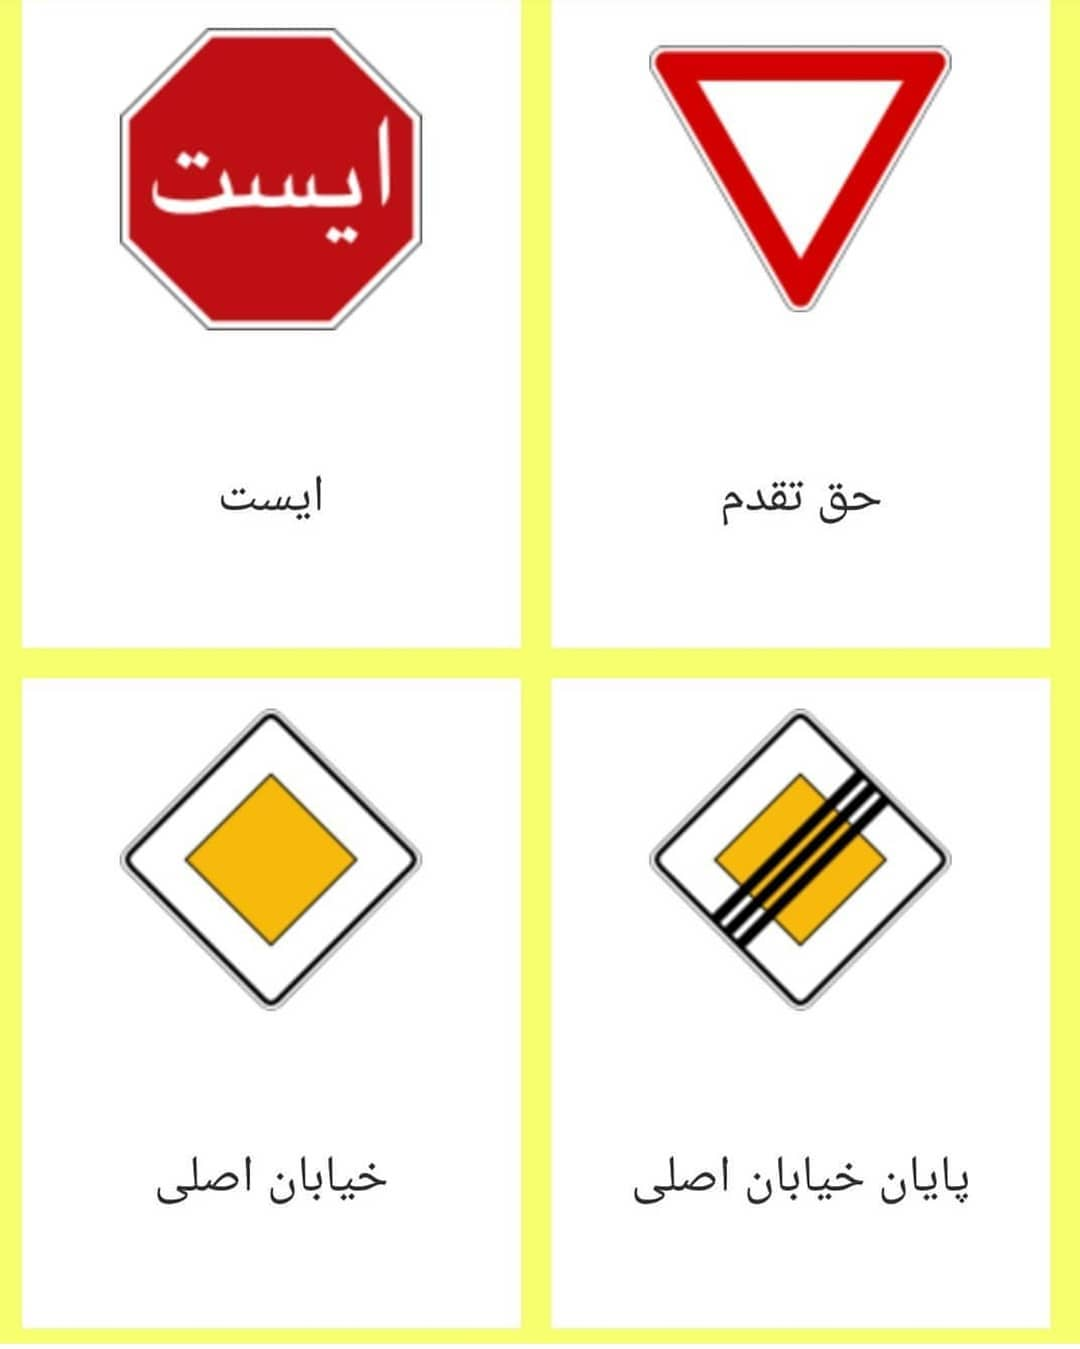 مهم ترین تابلو های راهنمایی و رانندگی